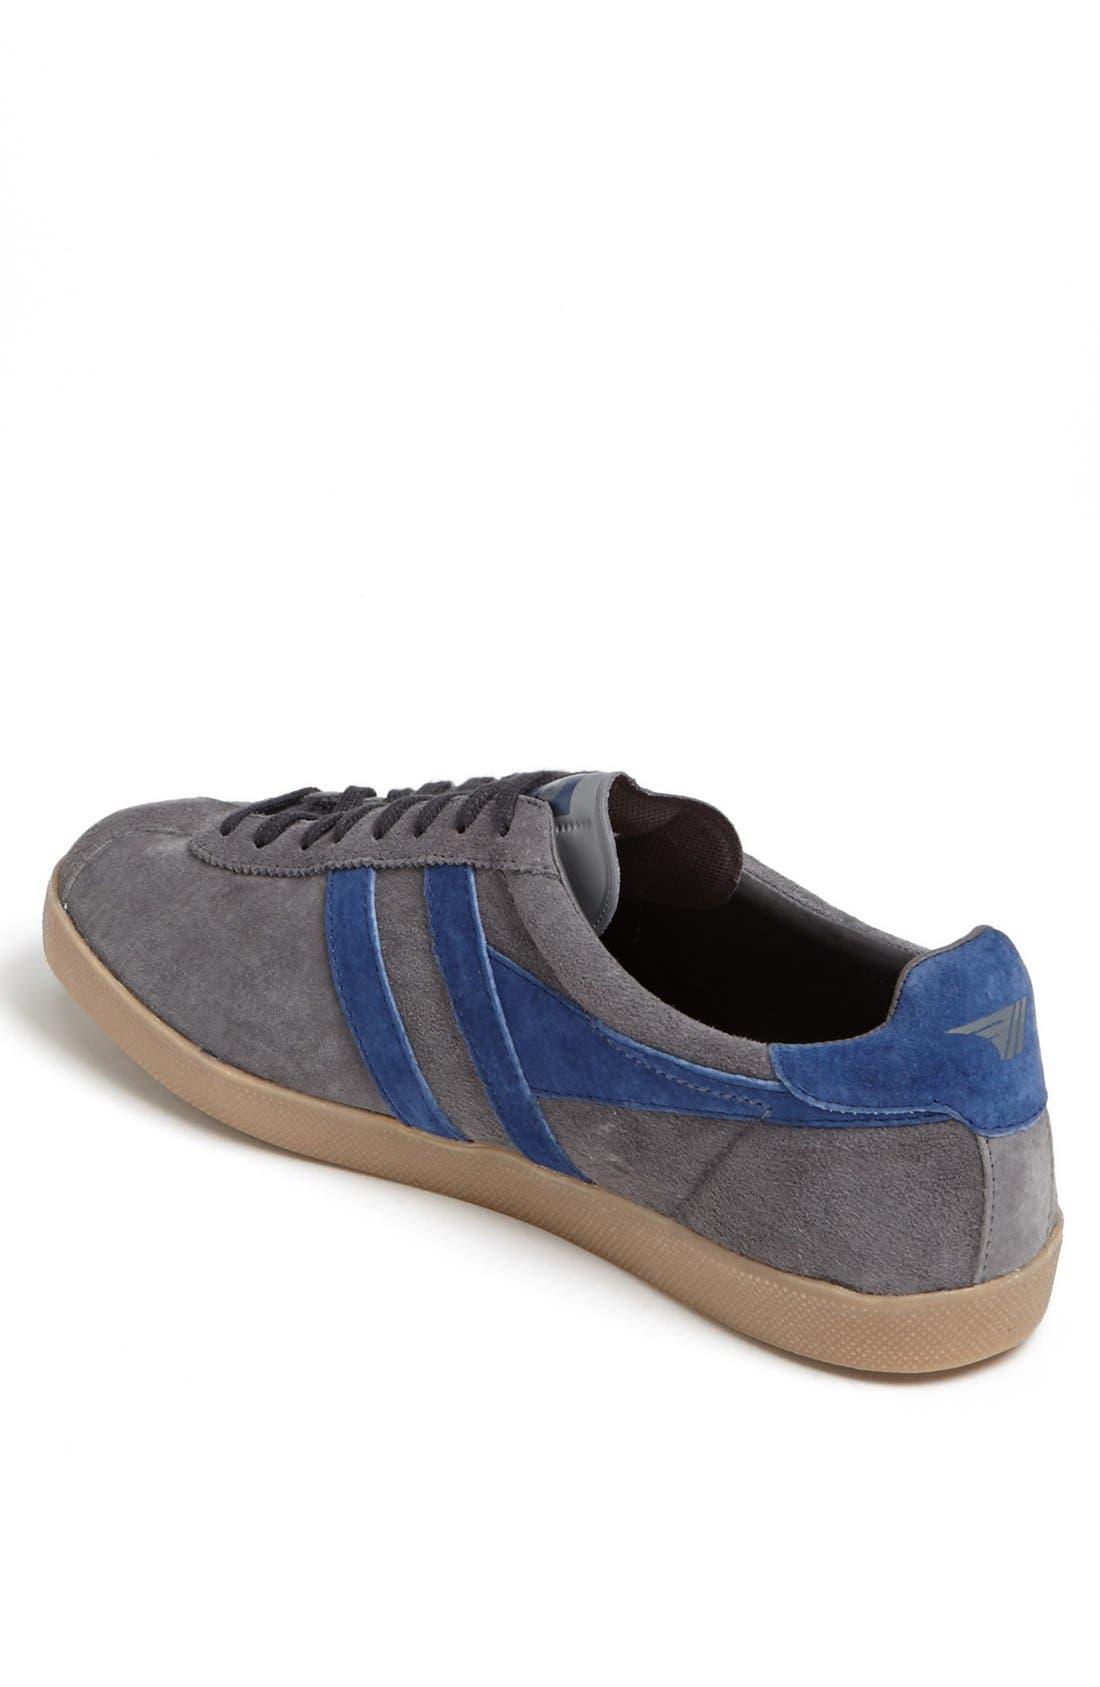 Alternate Image 2  - Gola 'Trainer' Sneaker (Men)